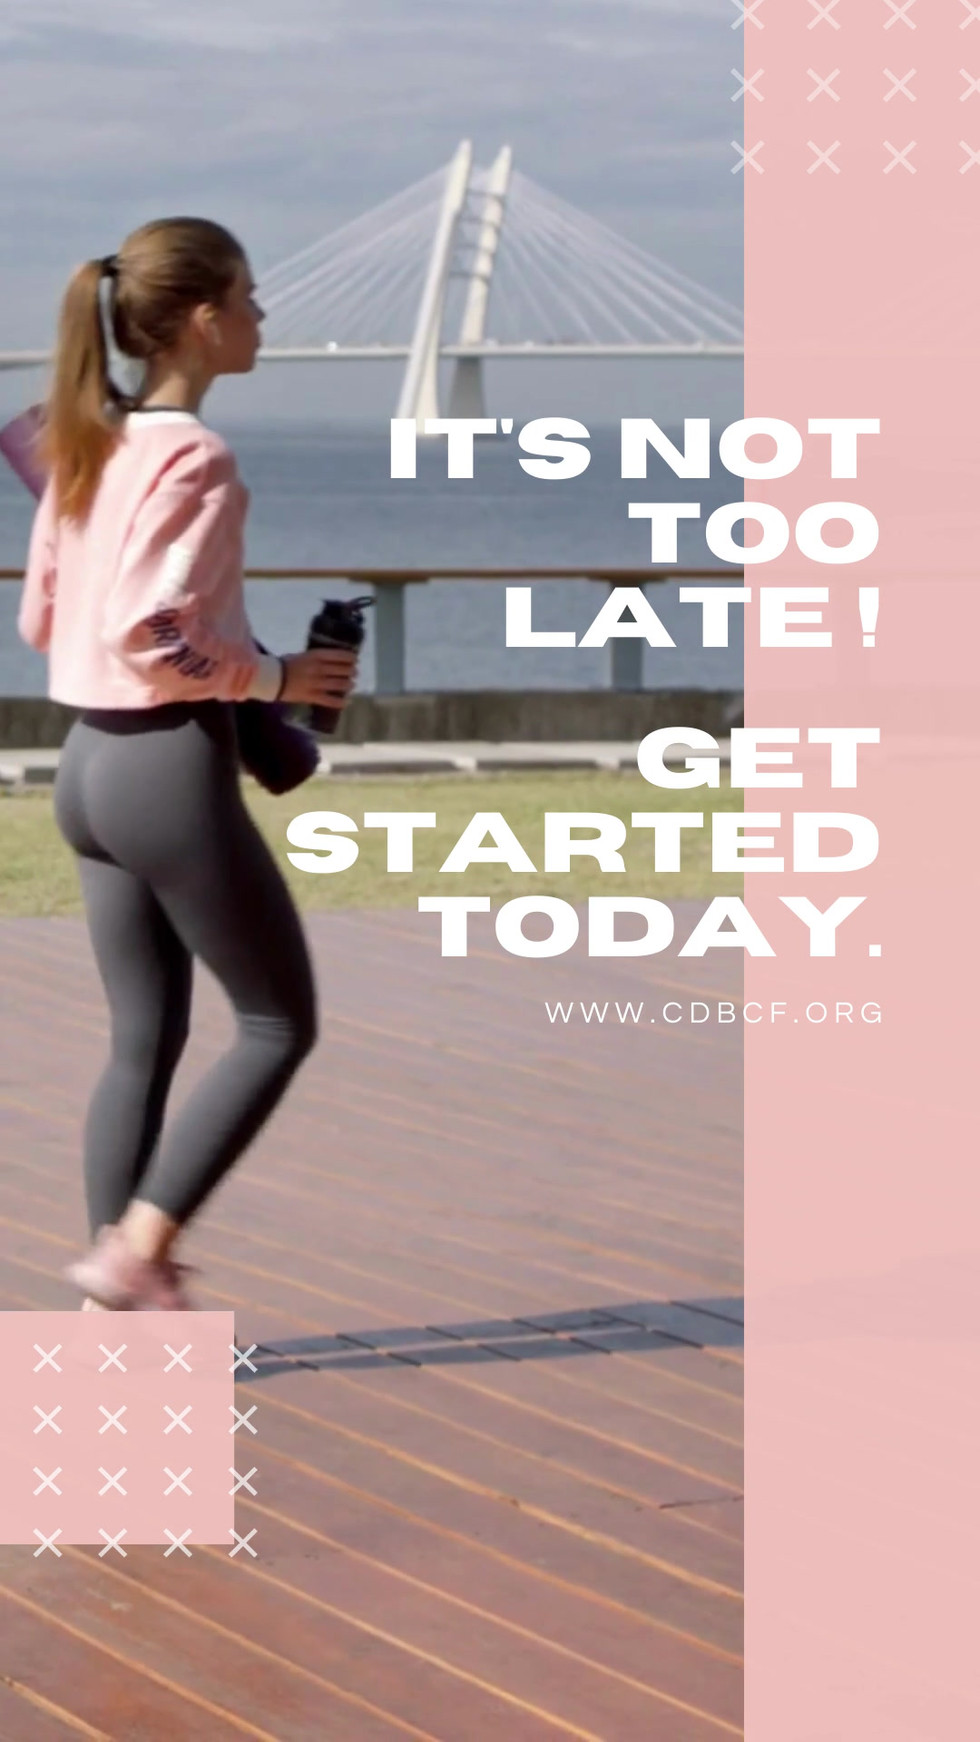 CDBCF Fitness Challenge Reminder